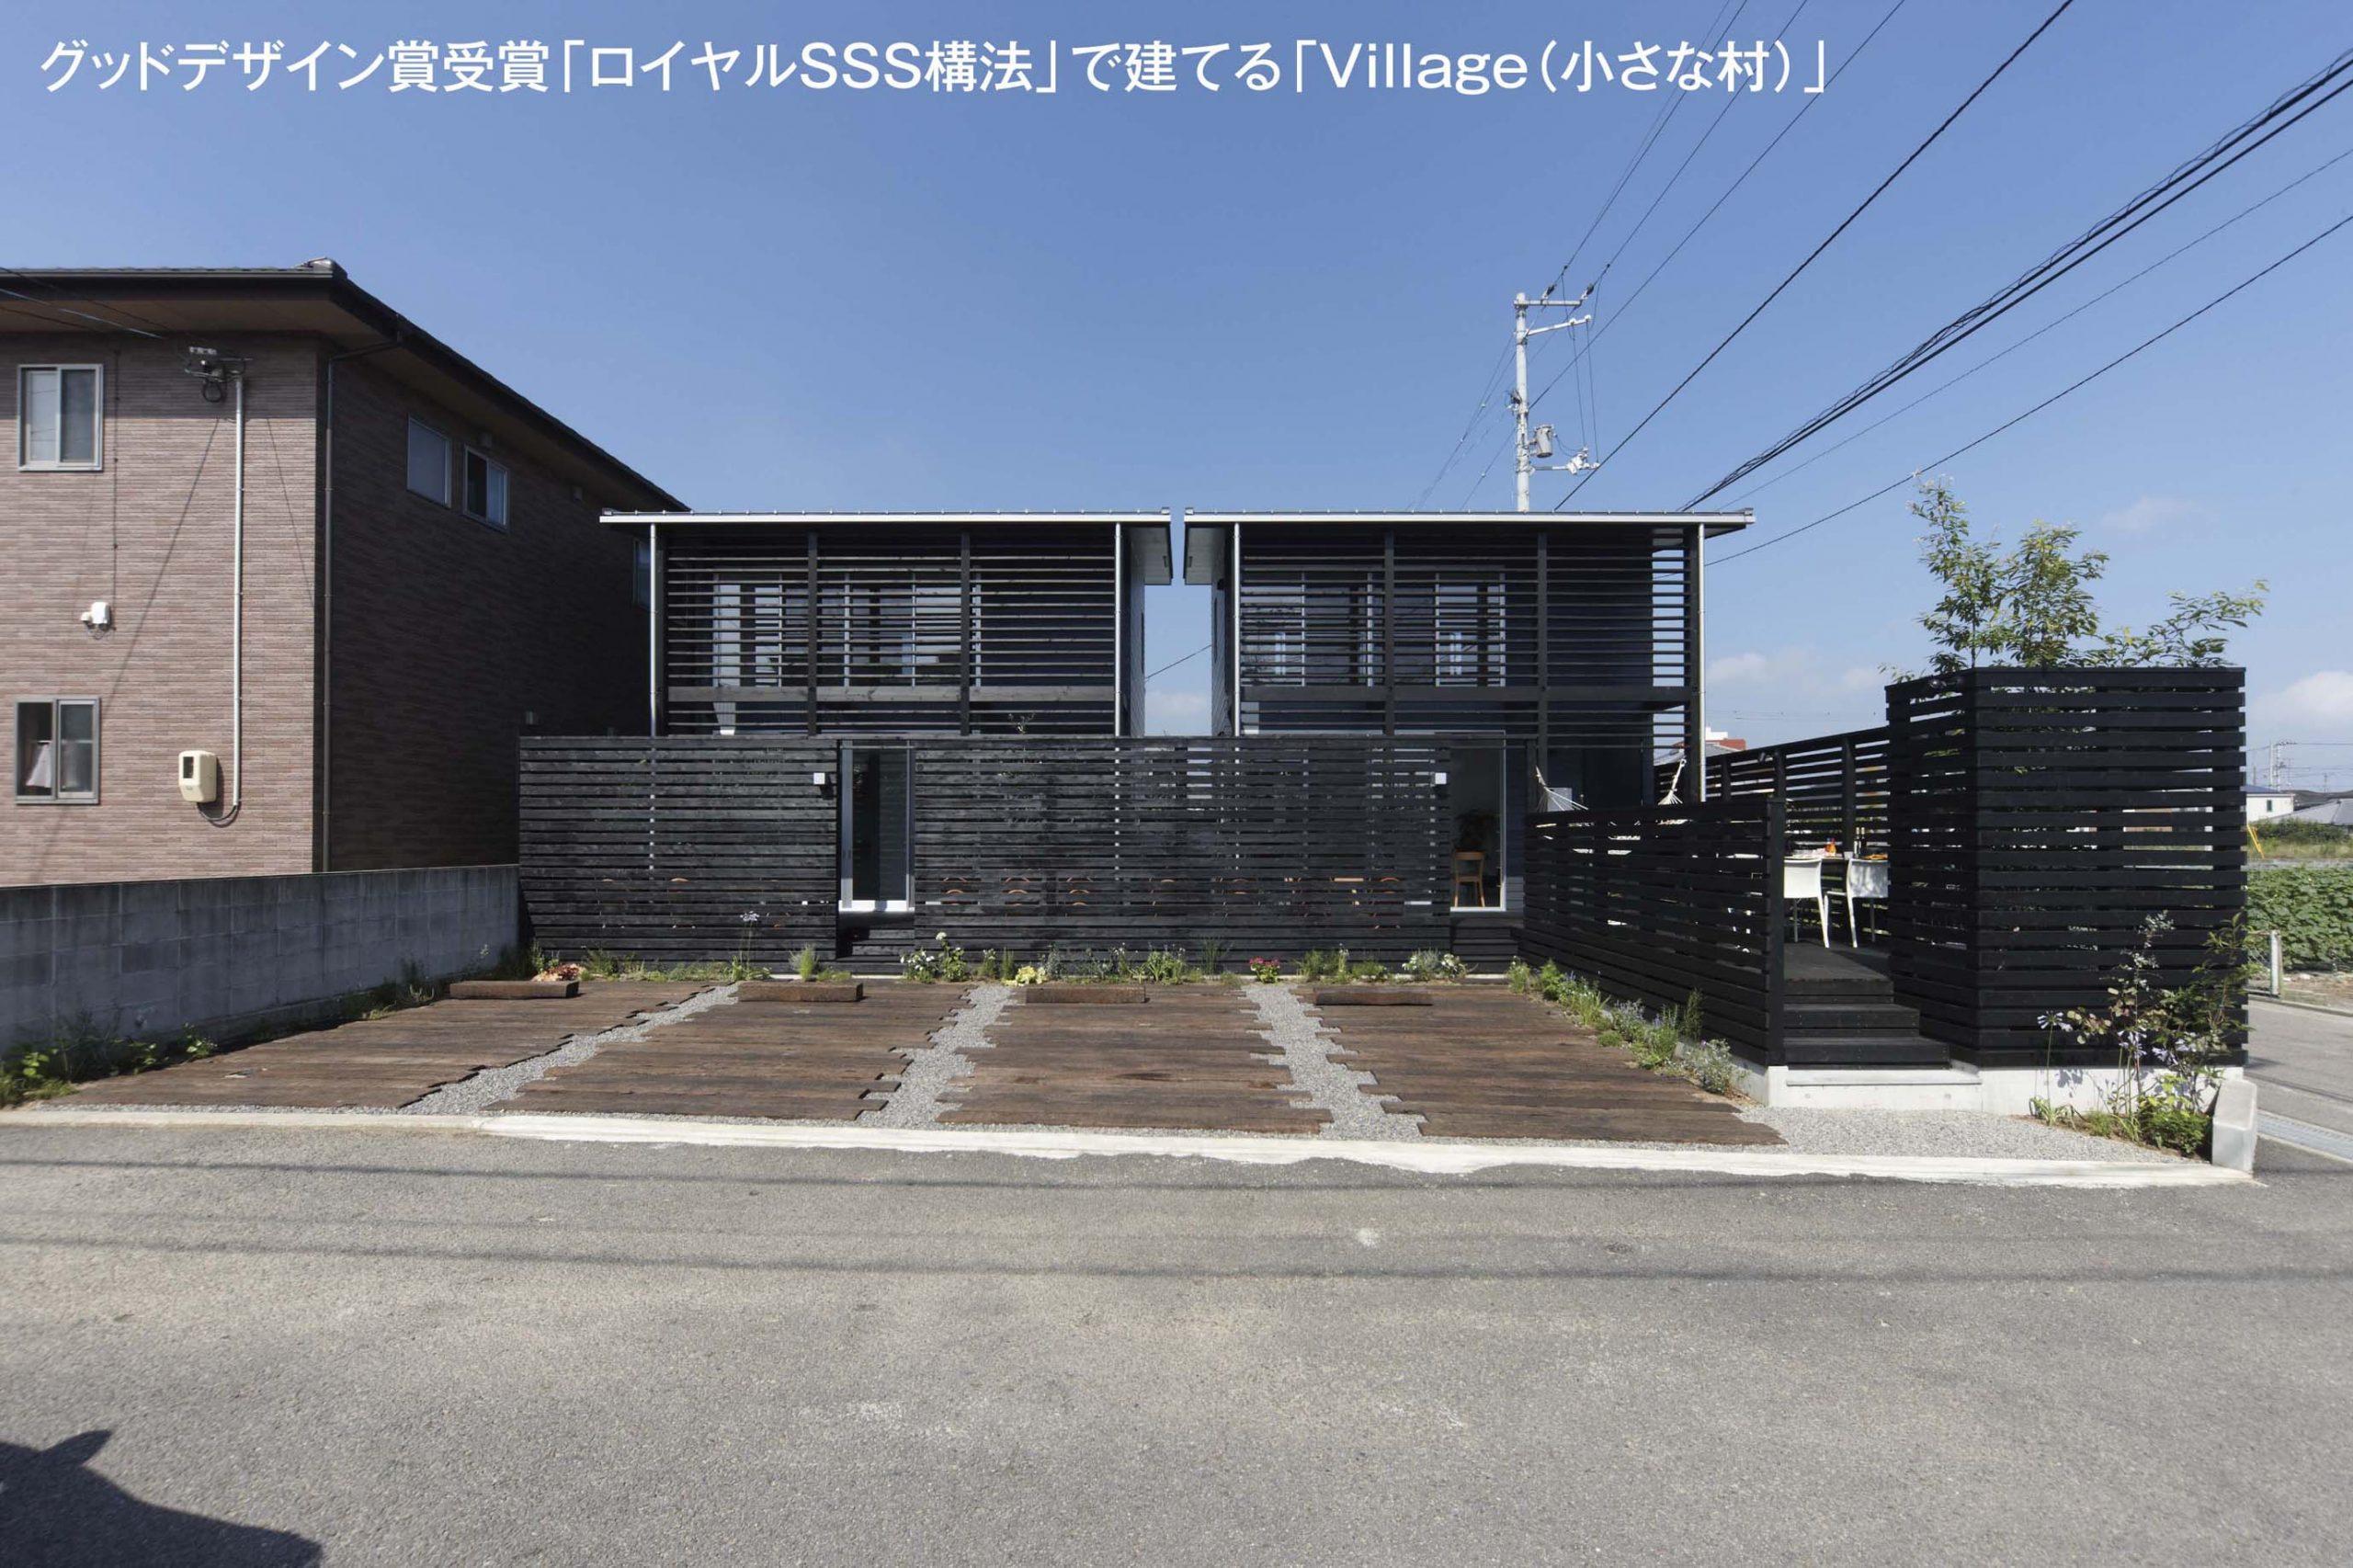 JR加賀温泉駅近く土地建物セットプラン 残り1区画!